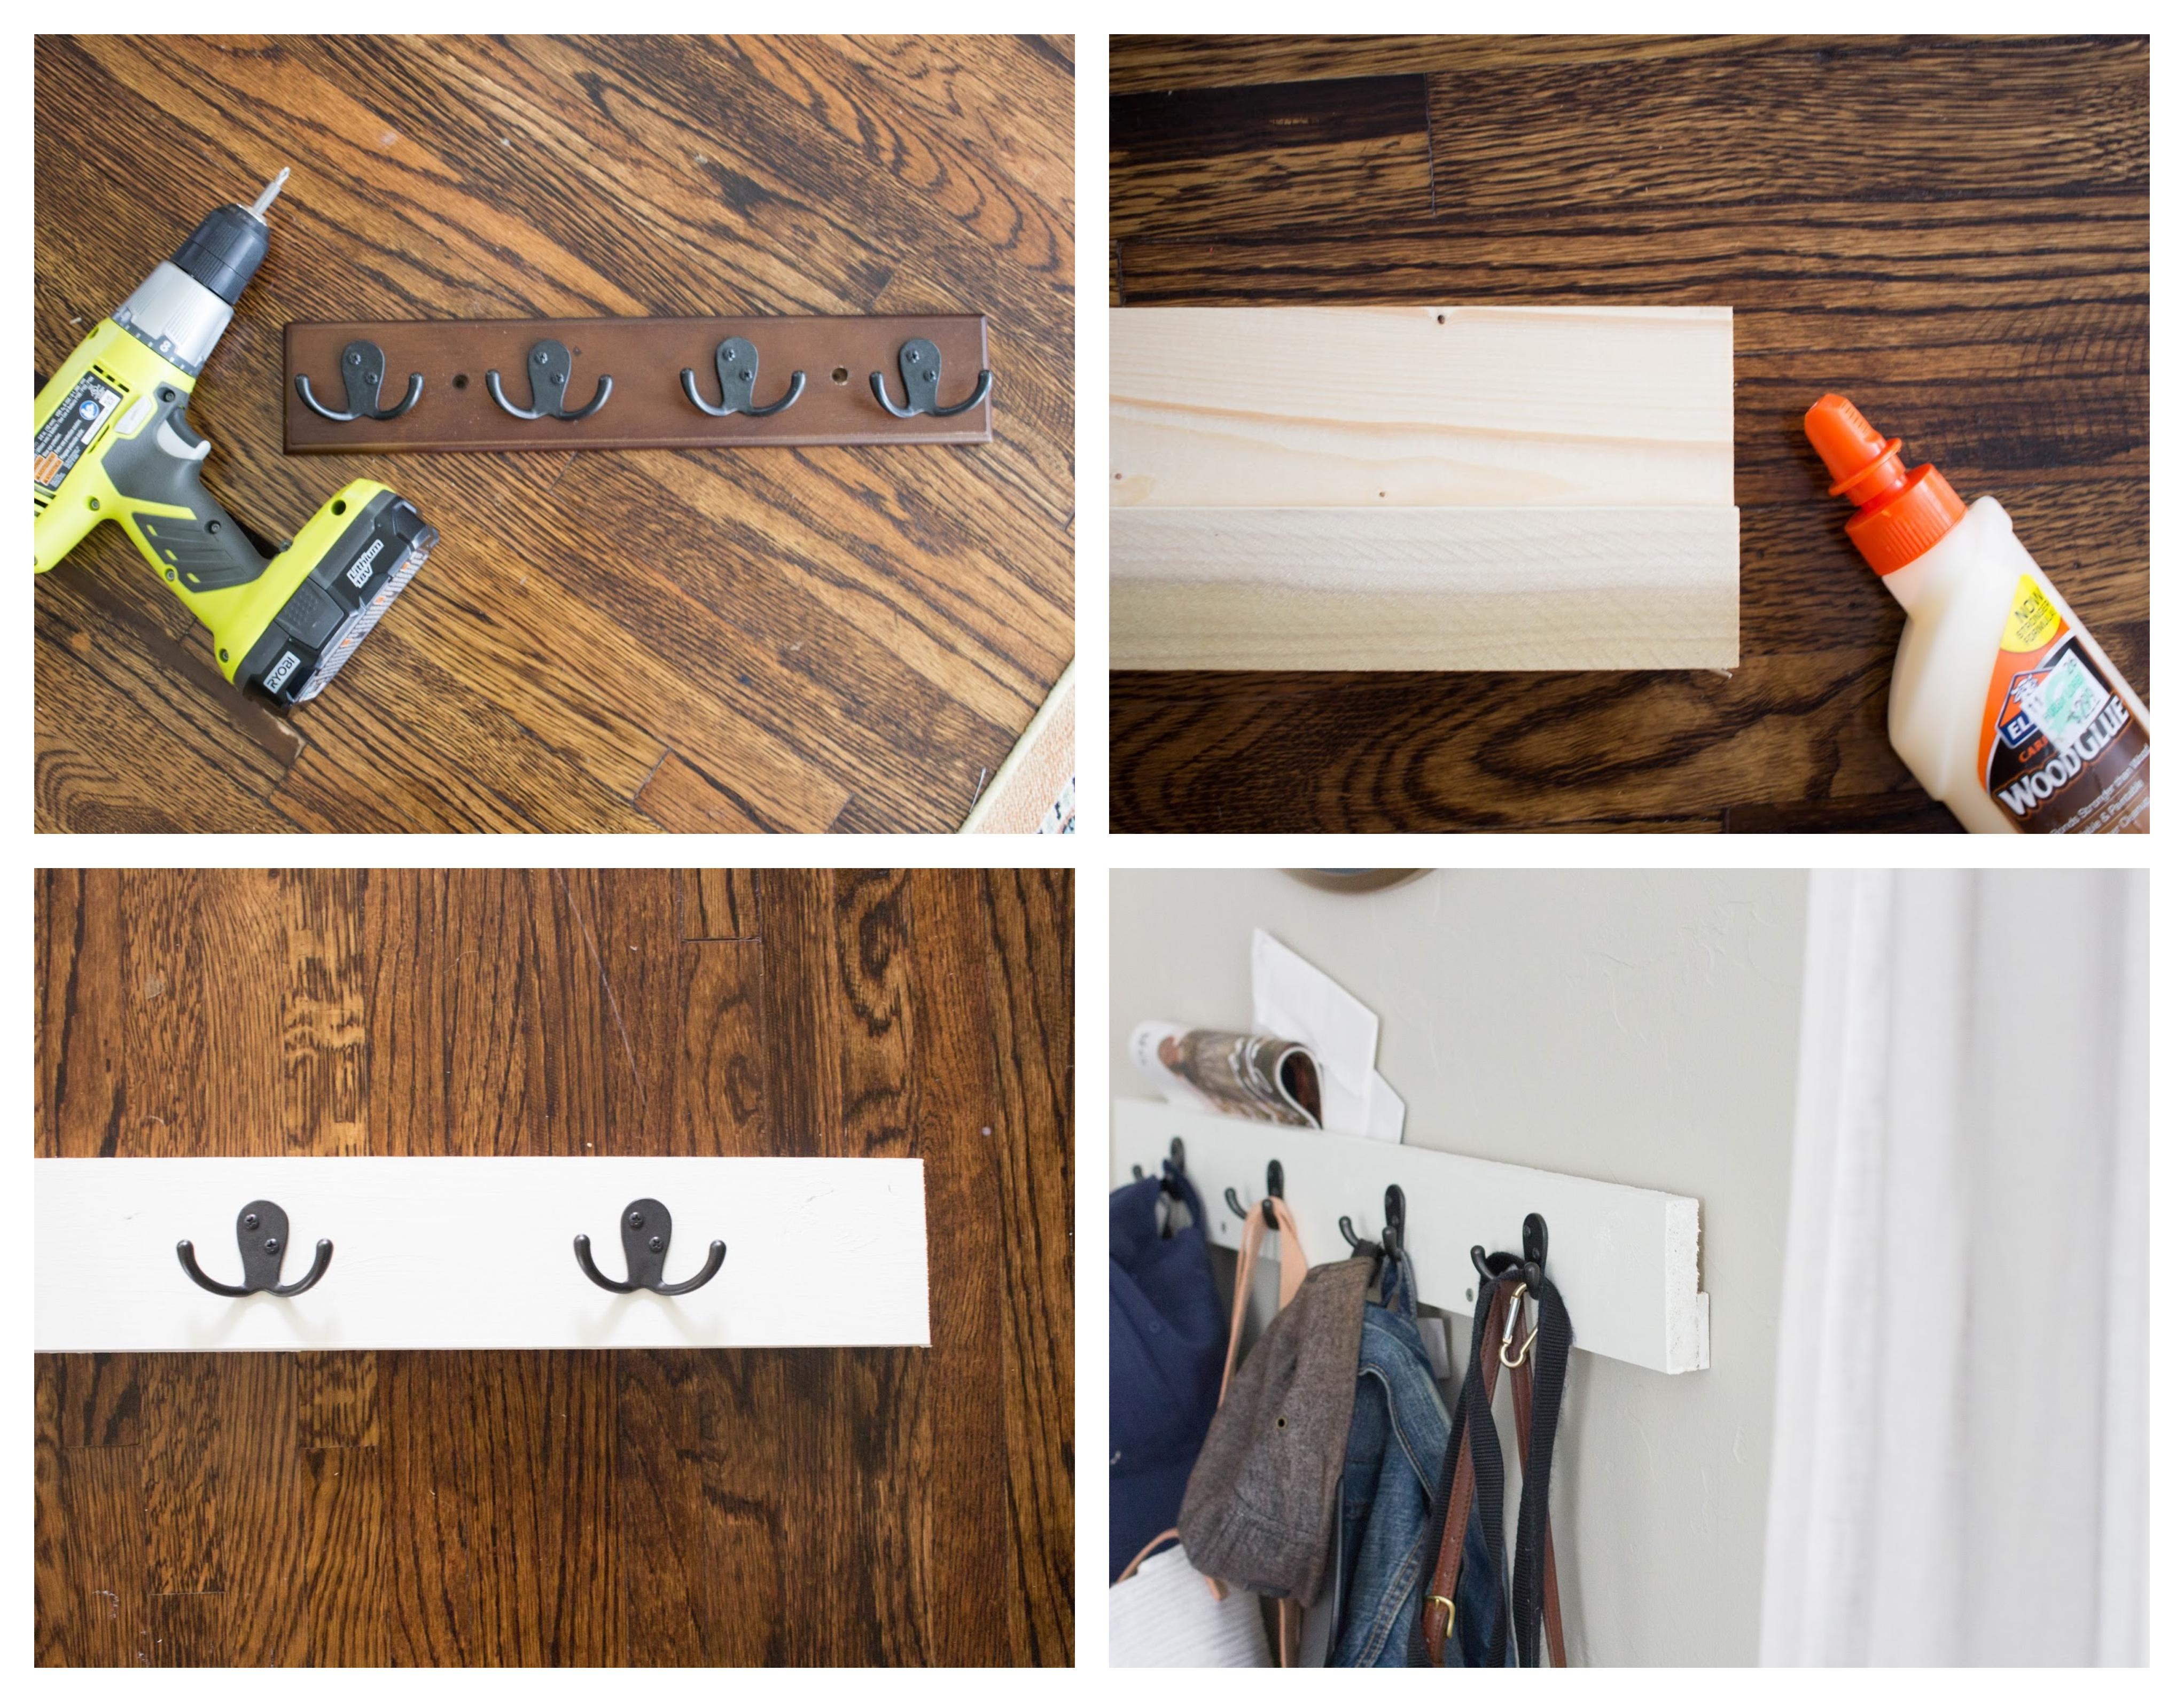 exemple de porte manteau original en planche et latte de bois blanchie avec des accroches metalliques noires à fixer sur un mur